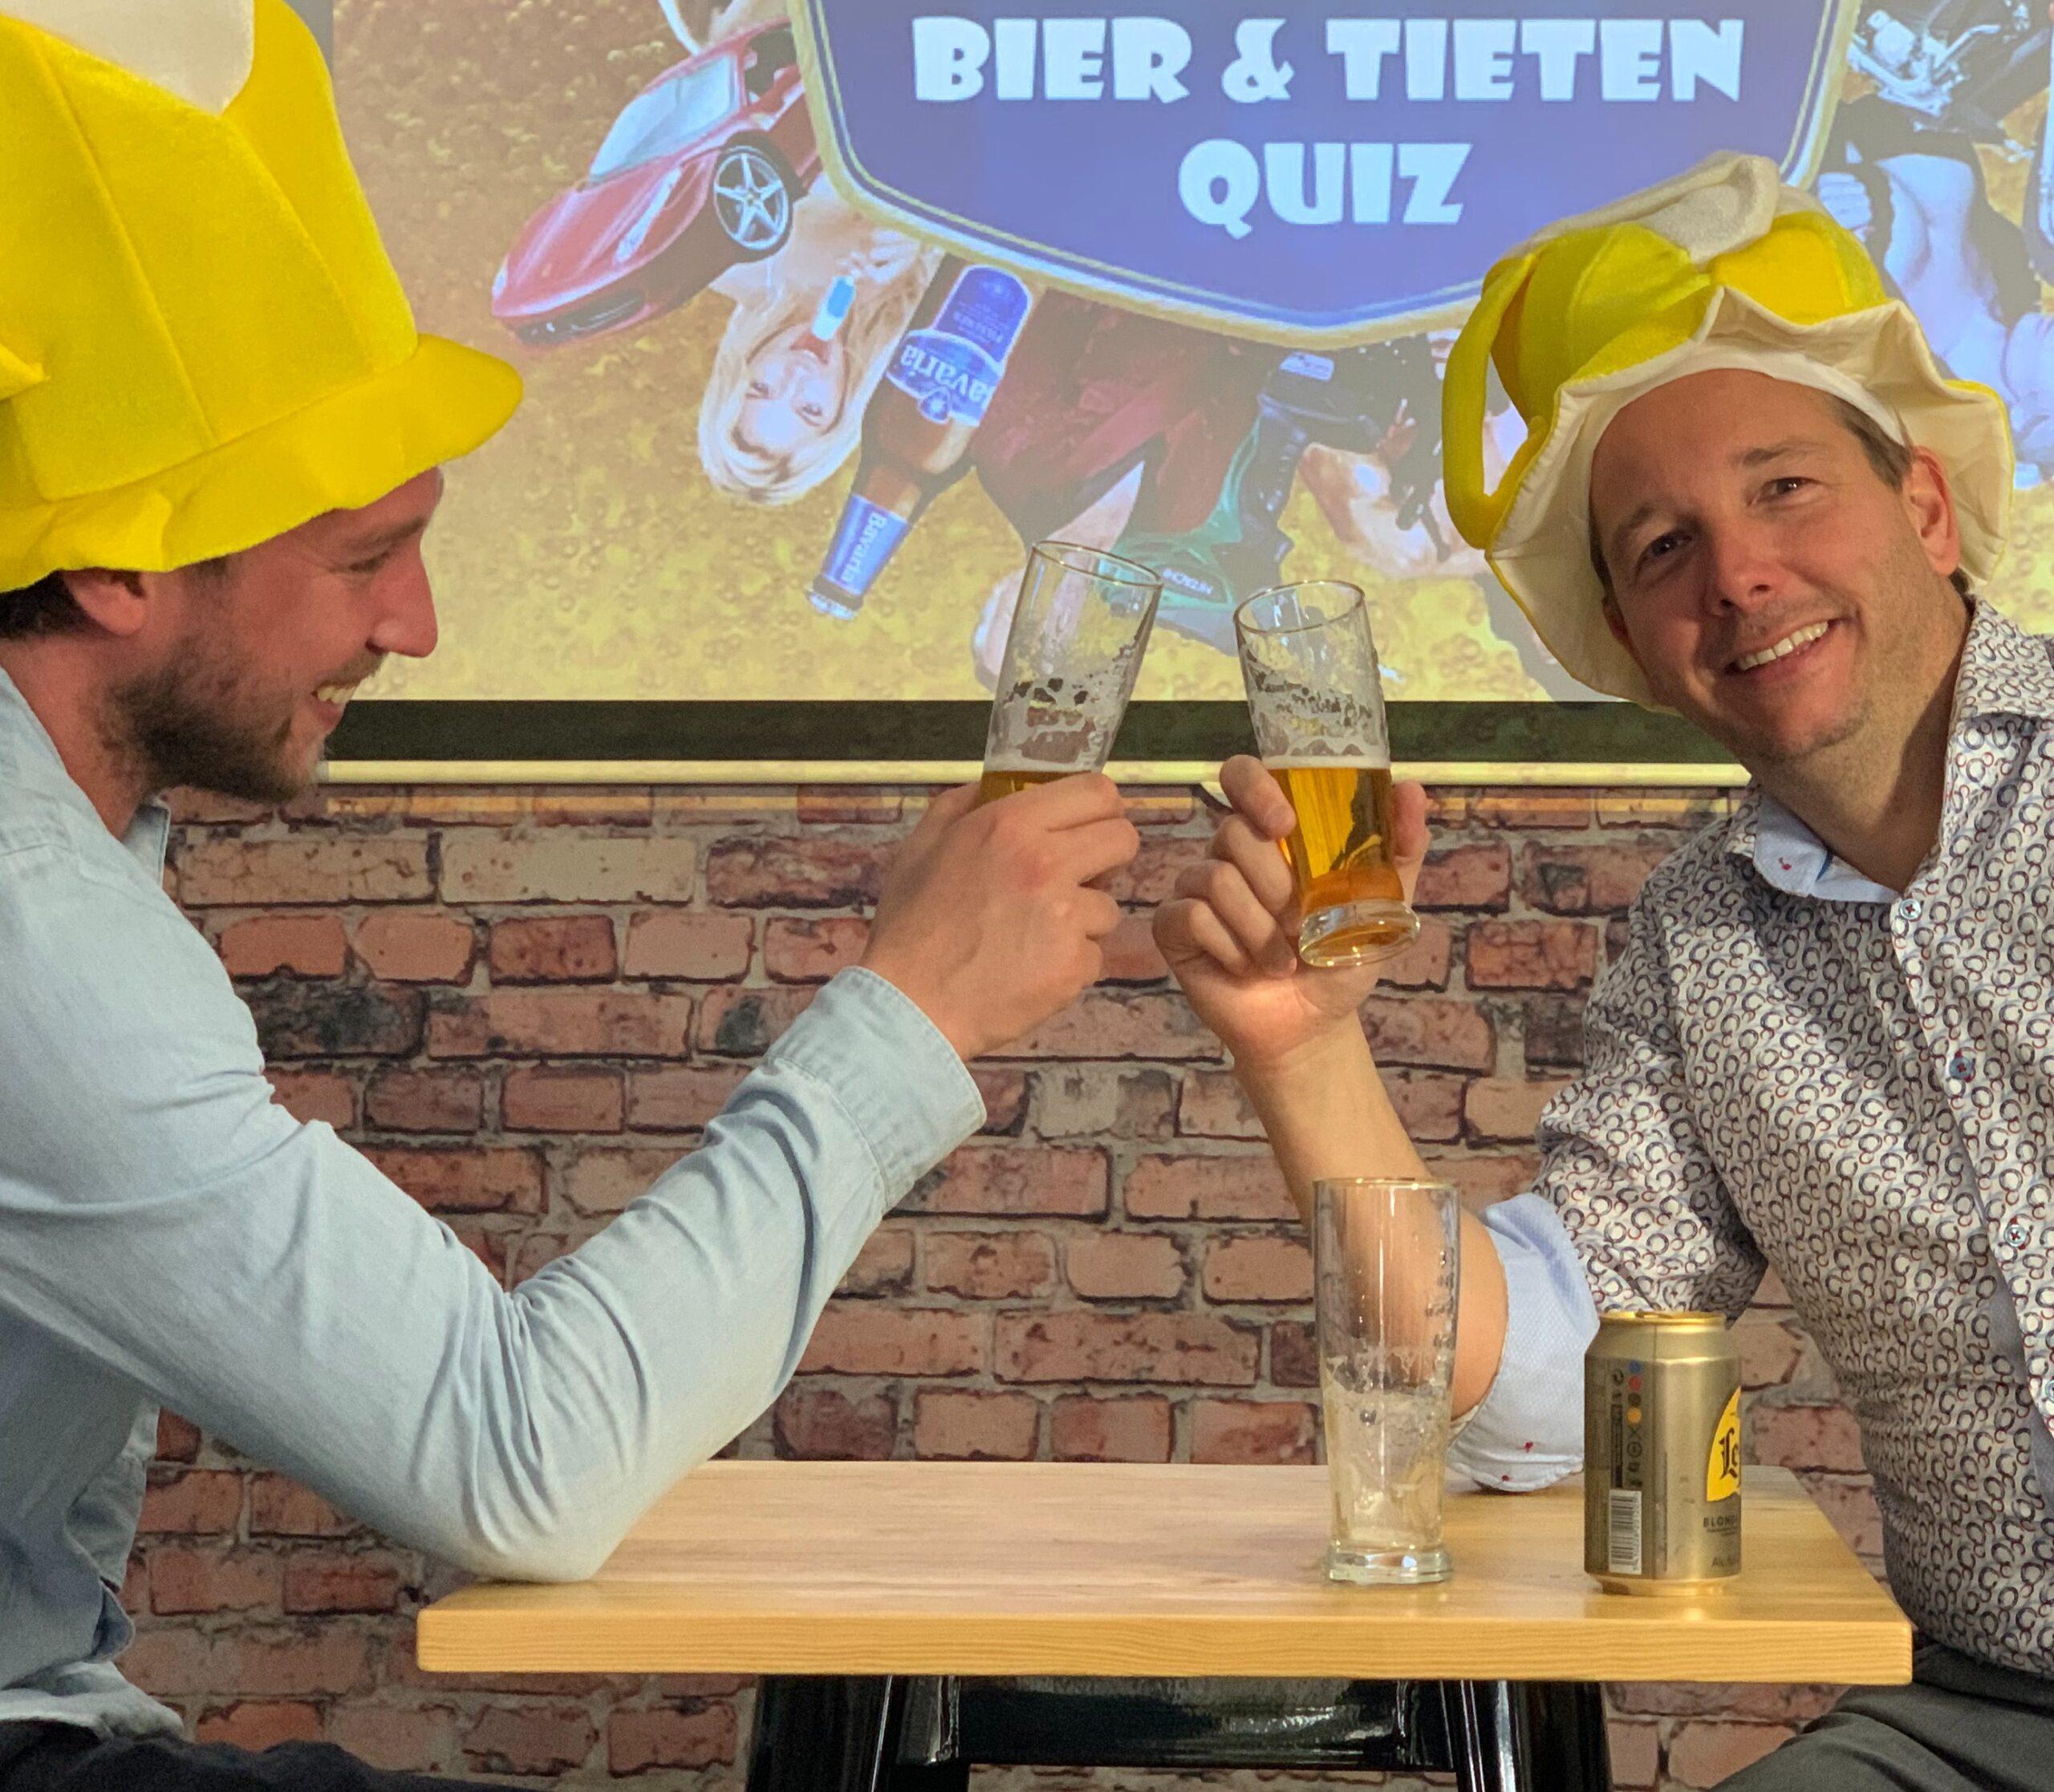 bier en tieten quiz vrijgezellenfeest